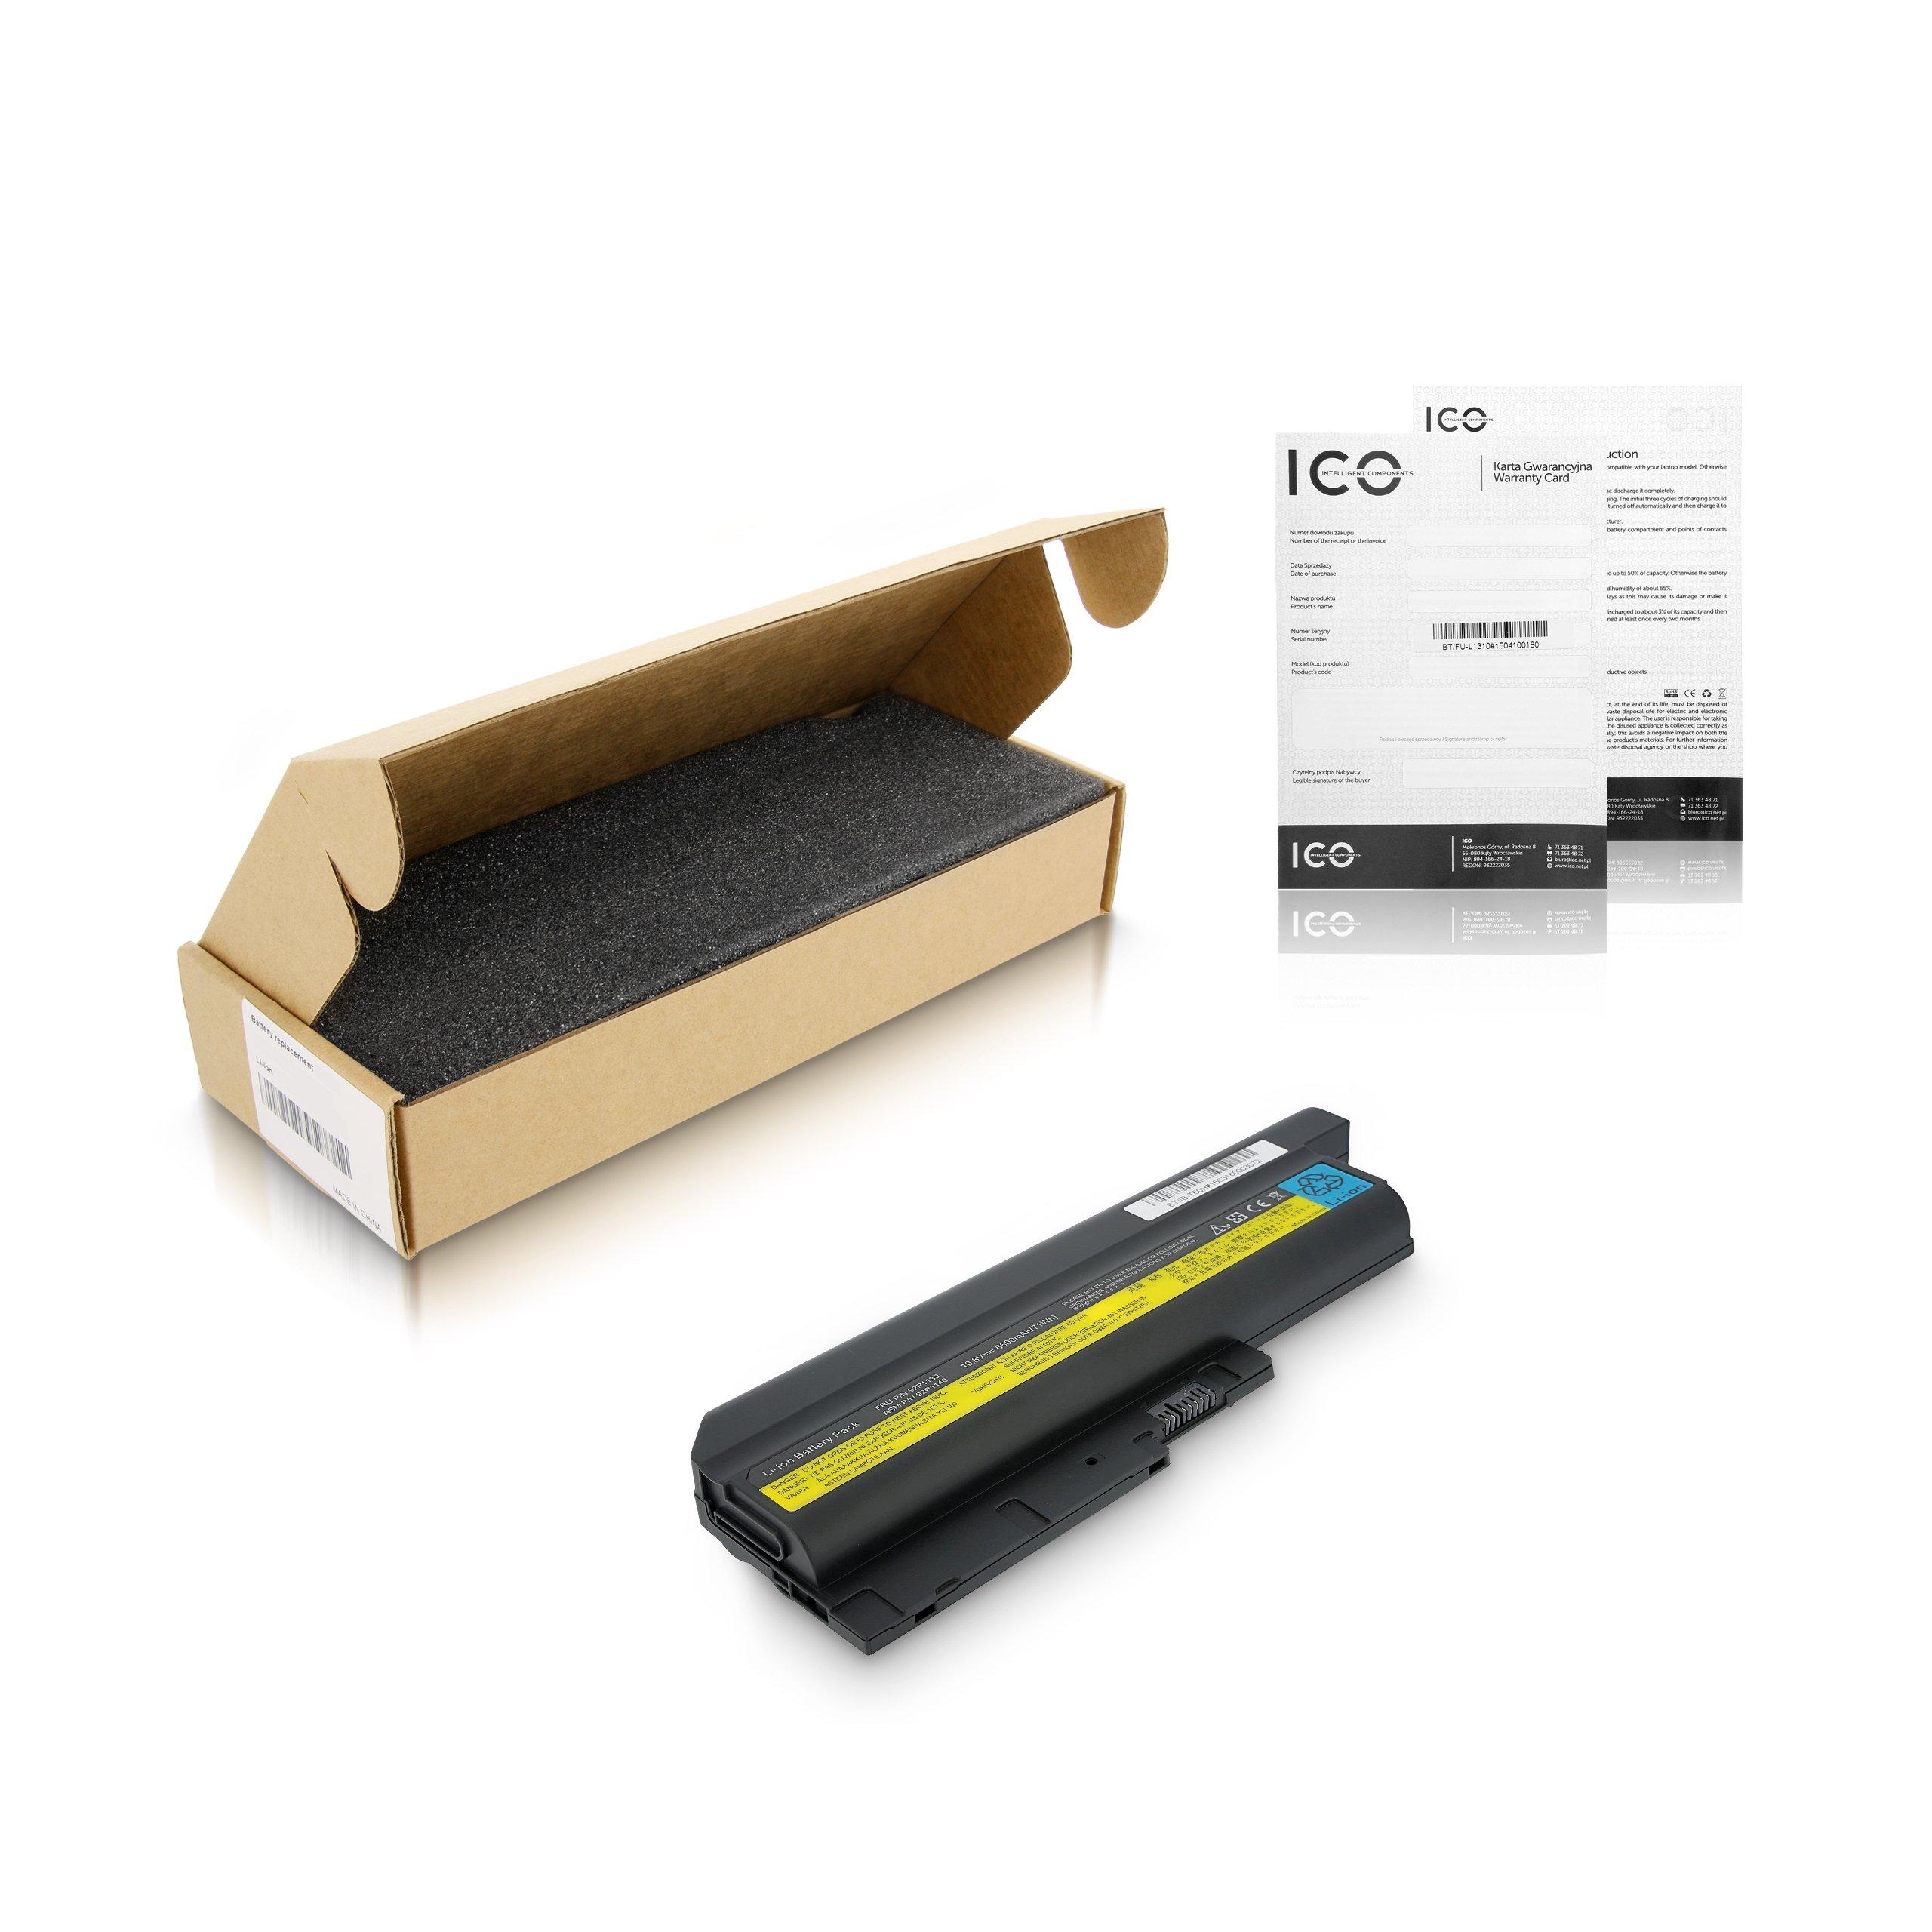 Bateria Lenovo Thinkpad T61 6458,6600mAh,FV